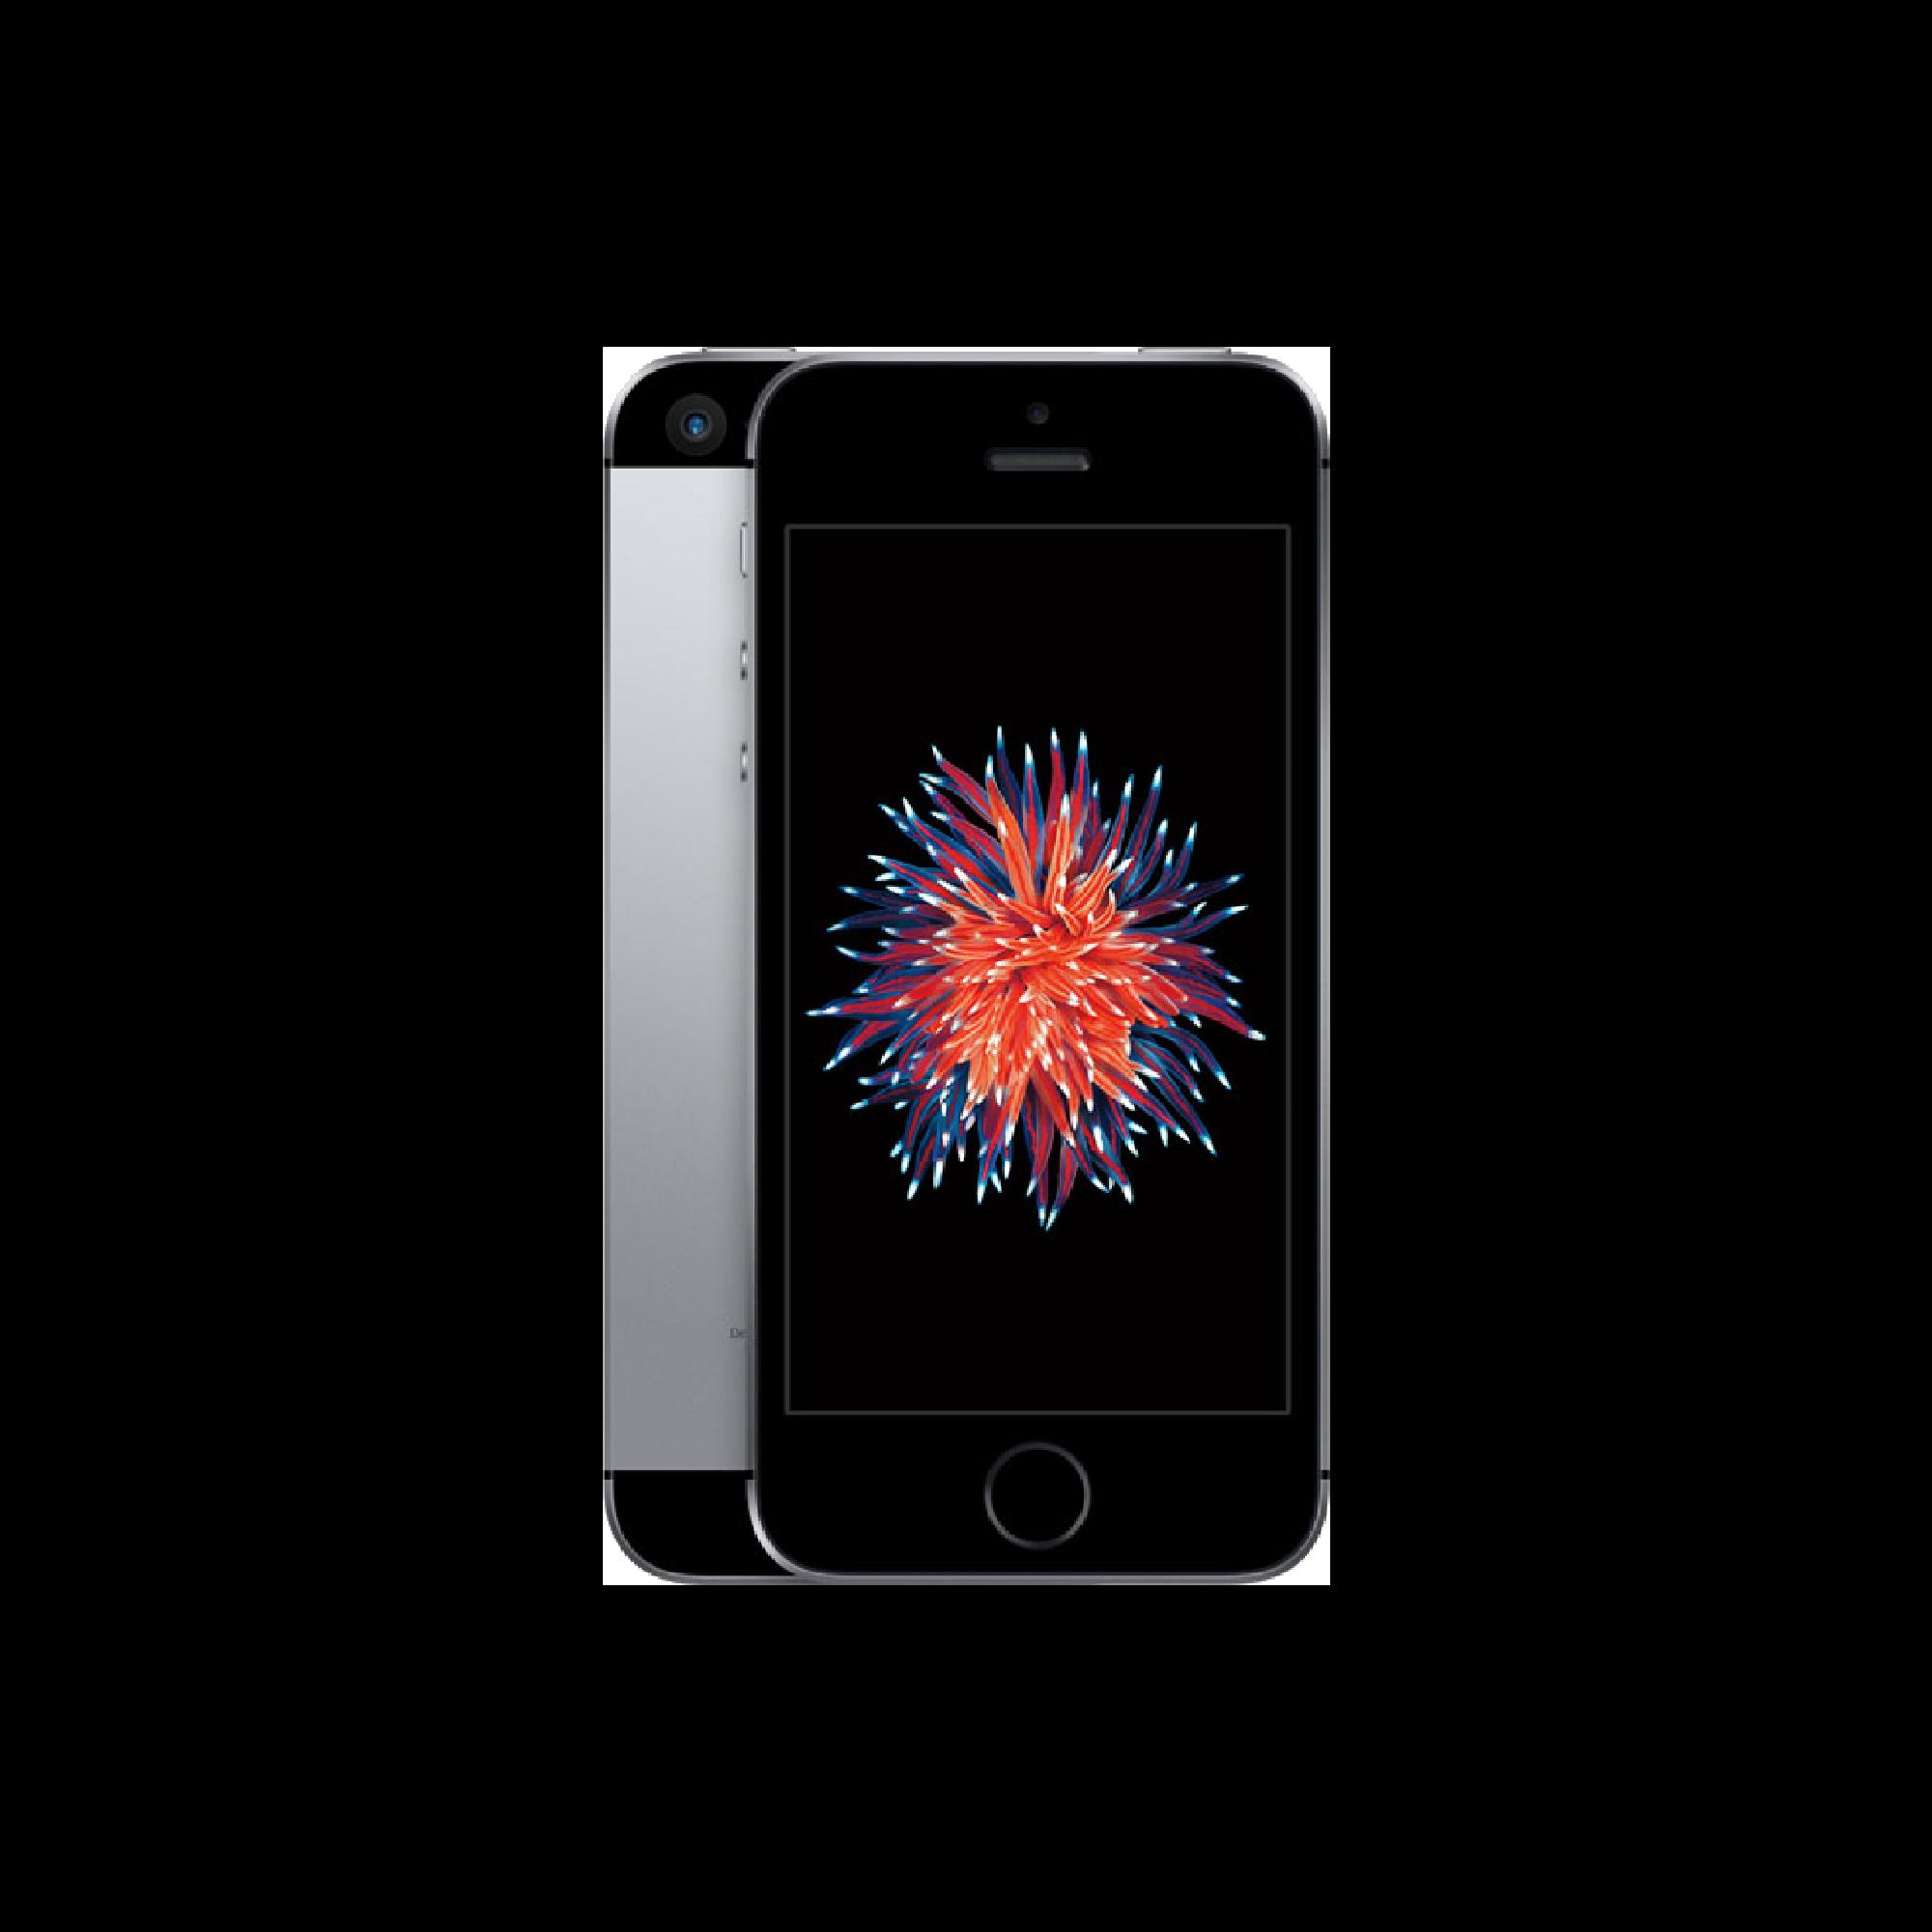 iPhone 5 | $49 + tax